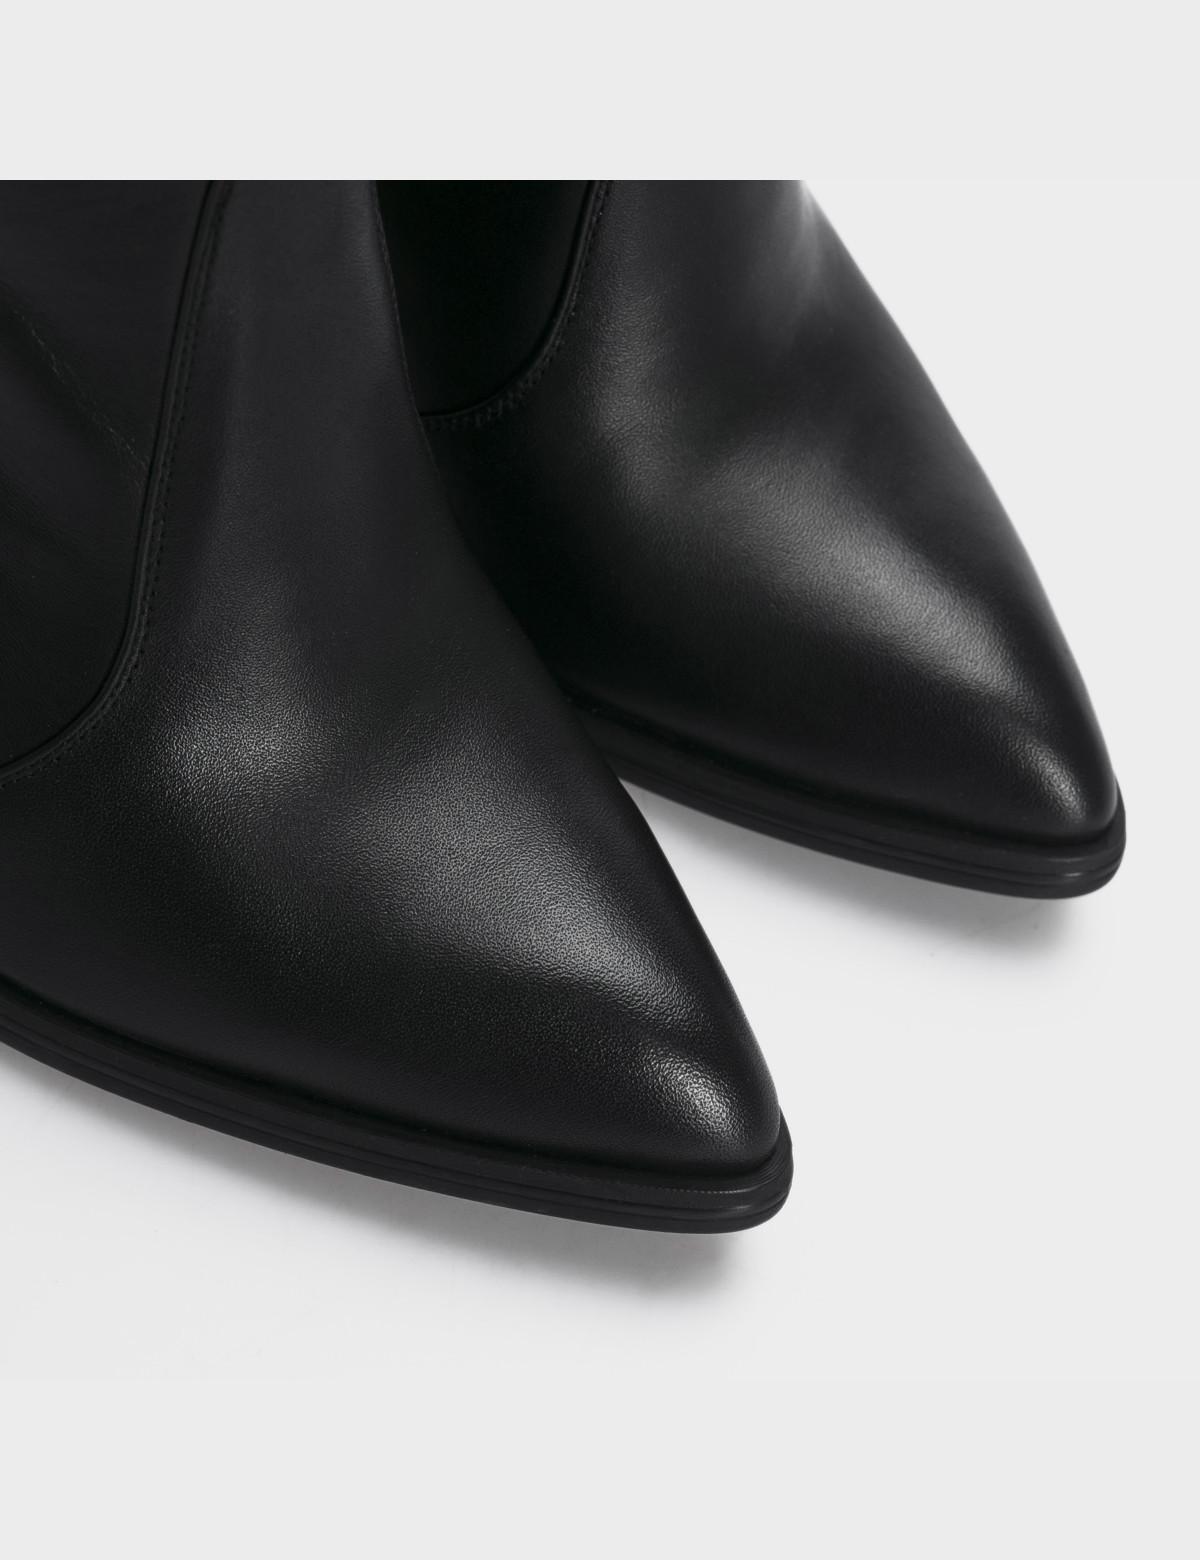 Сапоги черные, натуральная кожа. Еврозима4